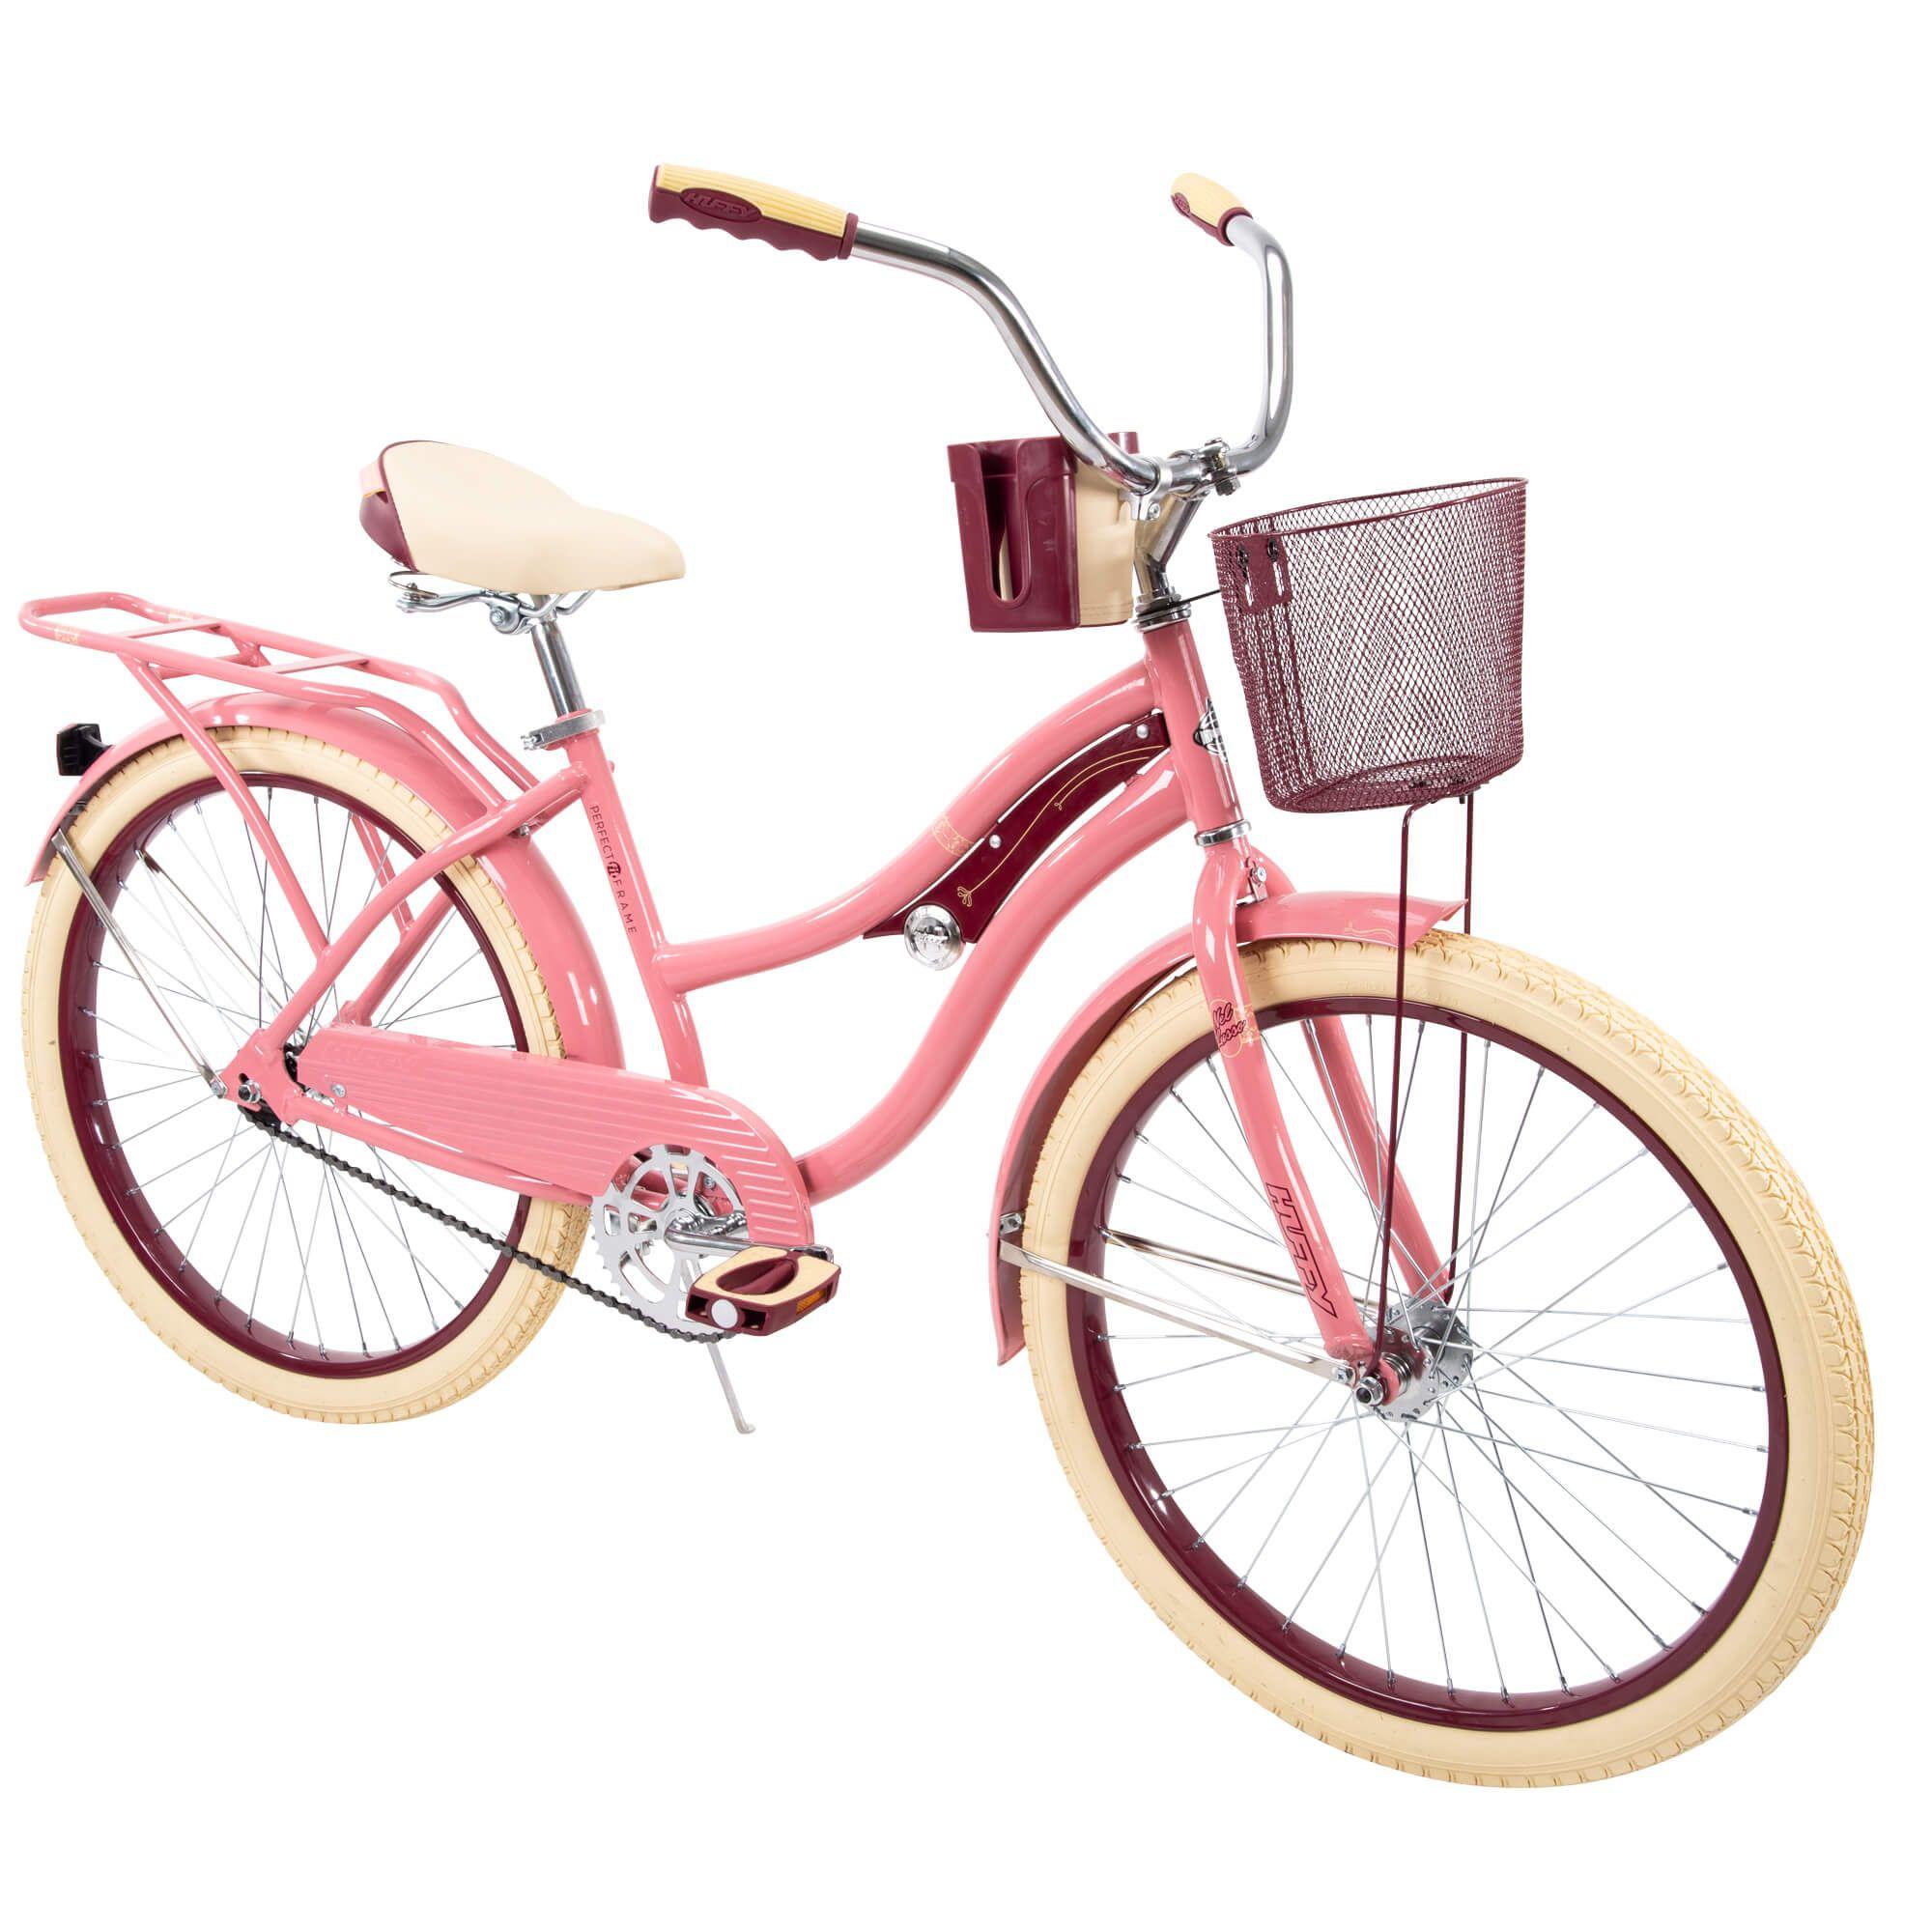 Huffy 24 Nel Lusso Girls Cruiser Bike Mint Green Walmart Com In 2020 Cruiser Bike Pink Bike Womens Bike